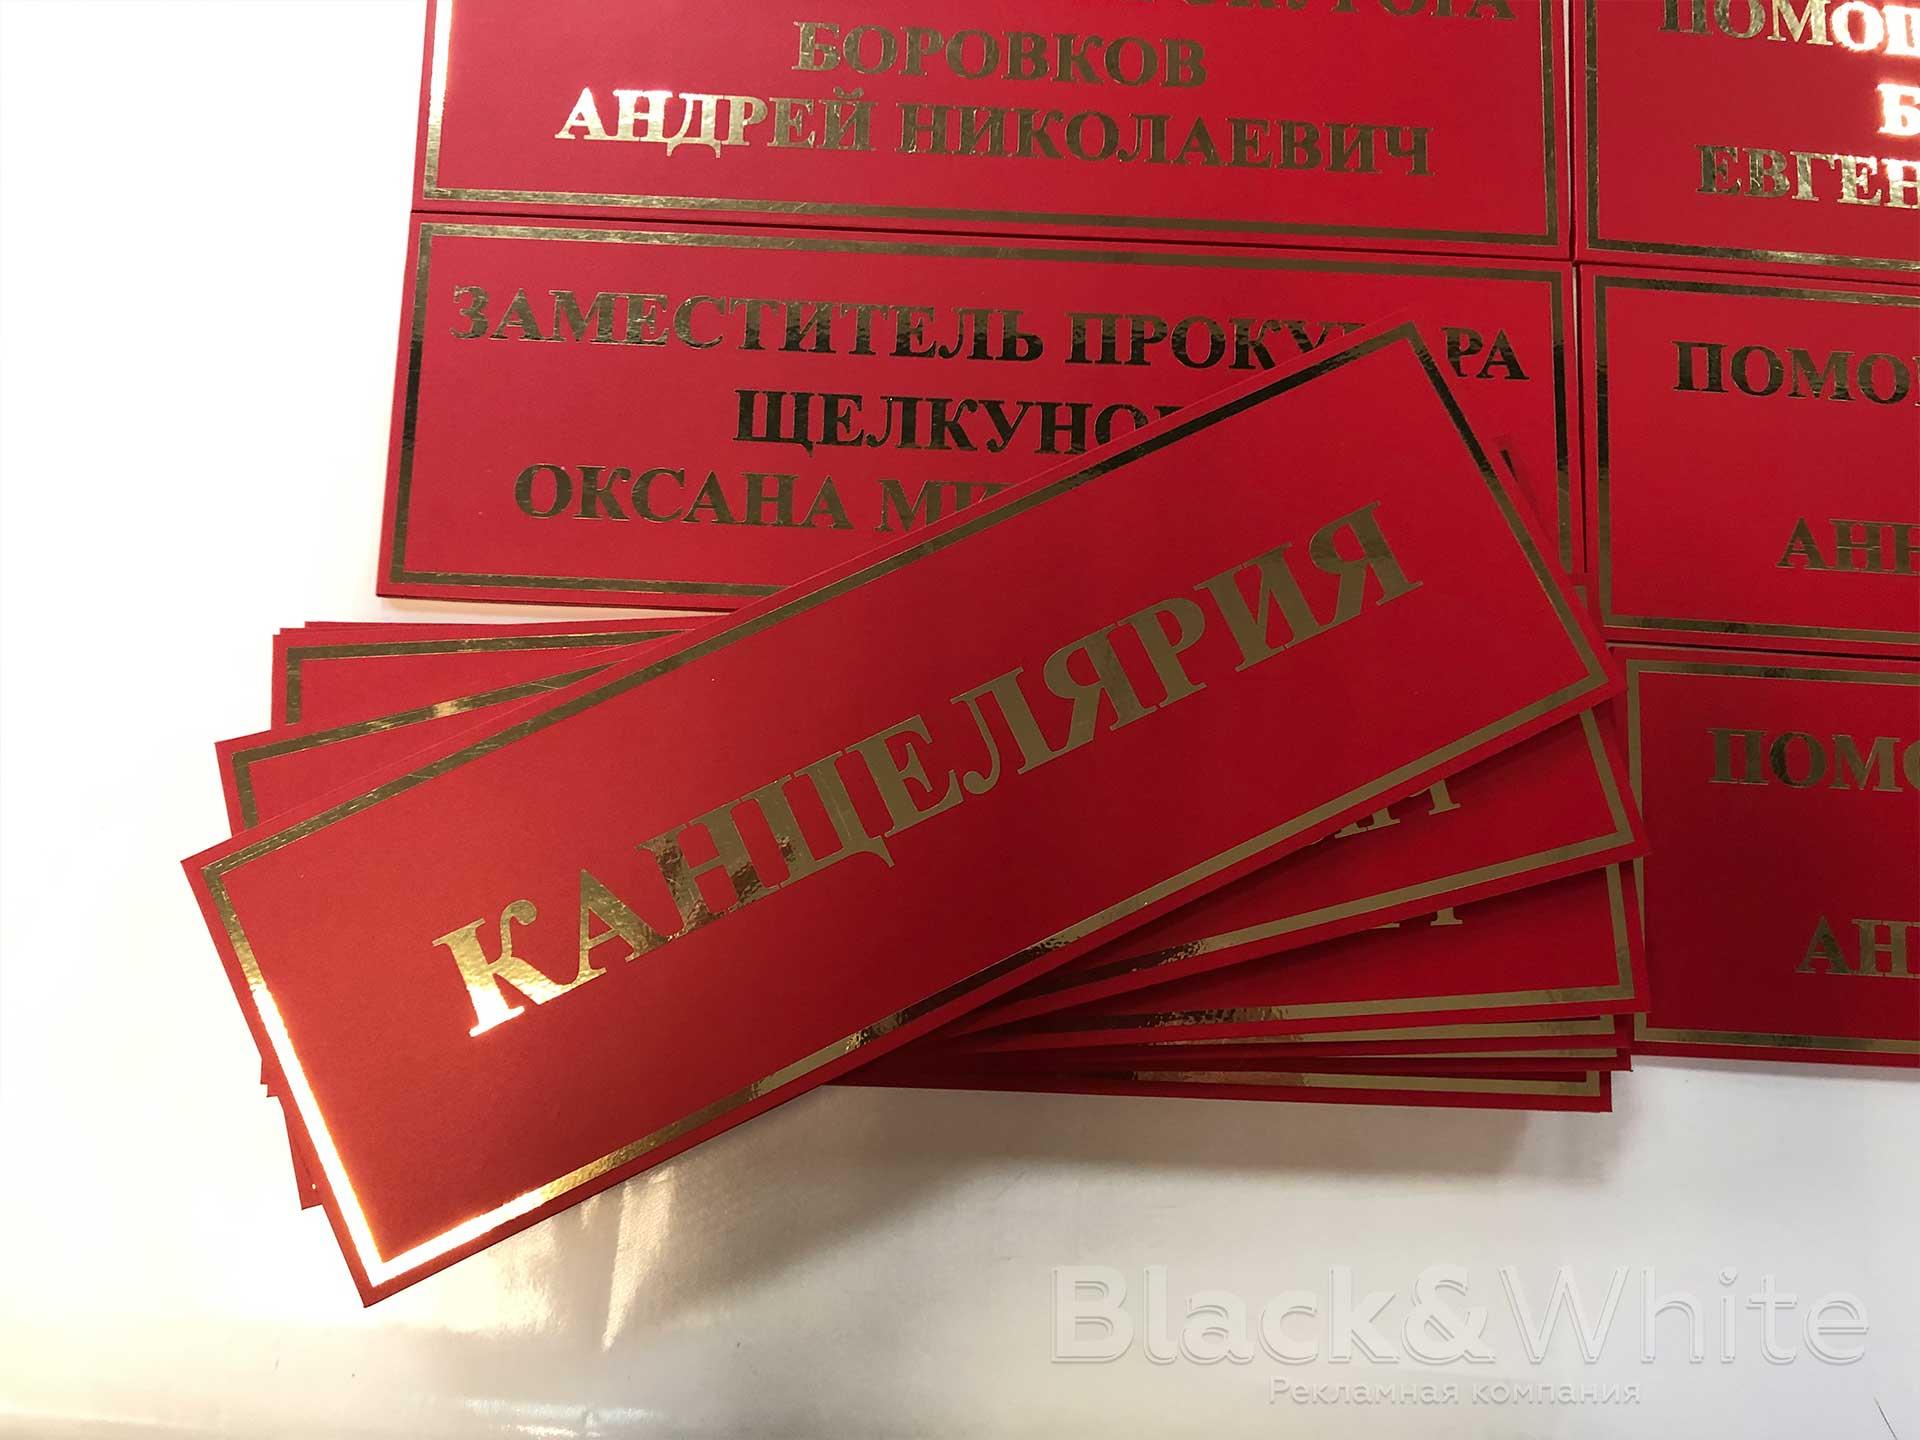 Таблички-на-дверь-вывеска-на-дверь-именная-табличка-изготовление-в-красноярске-Black&White-bw..jpg